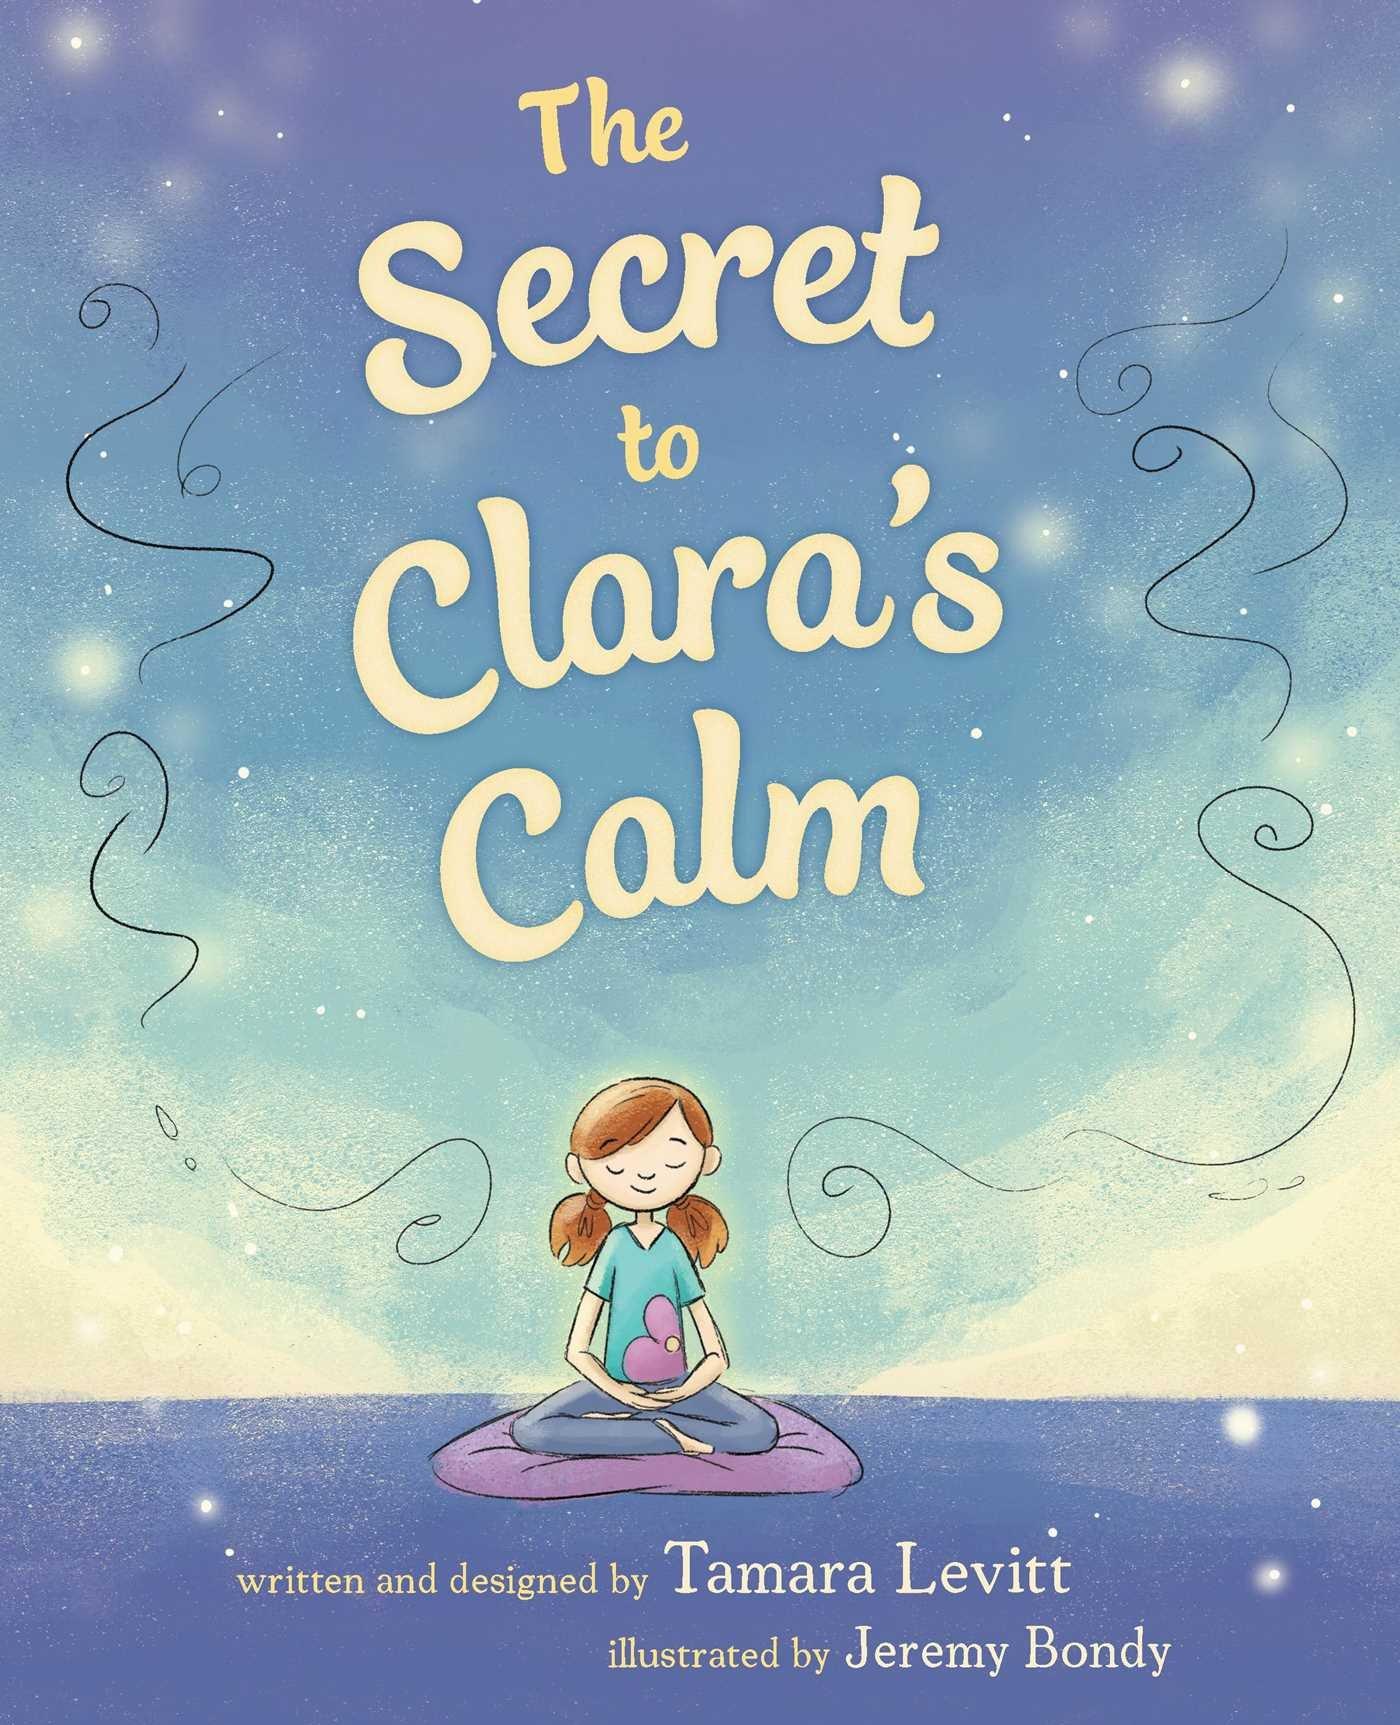 The Secret to Clara's Calm